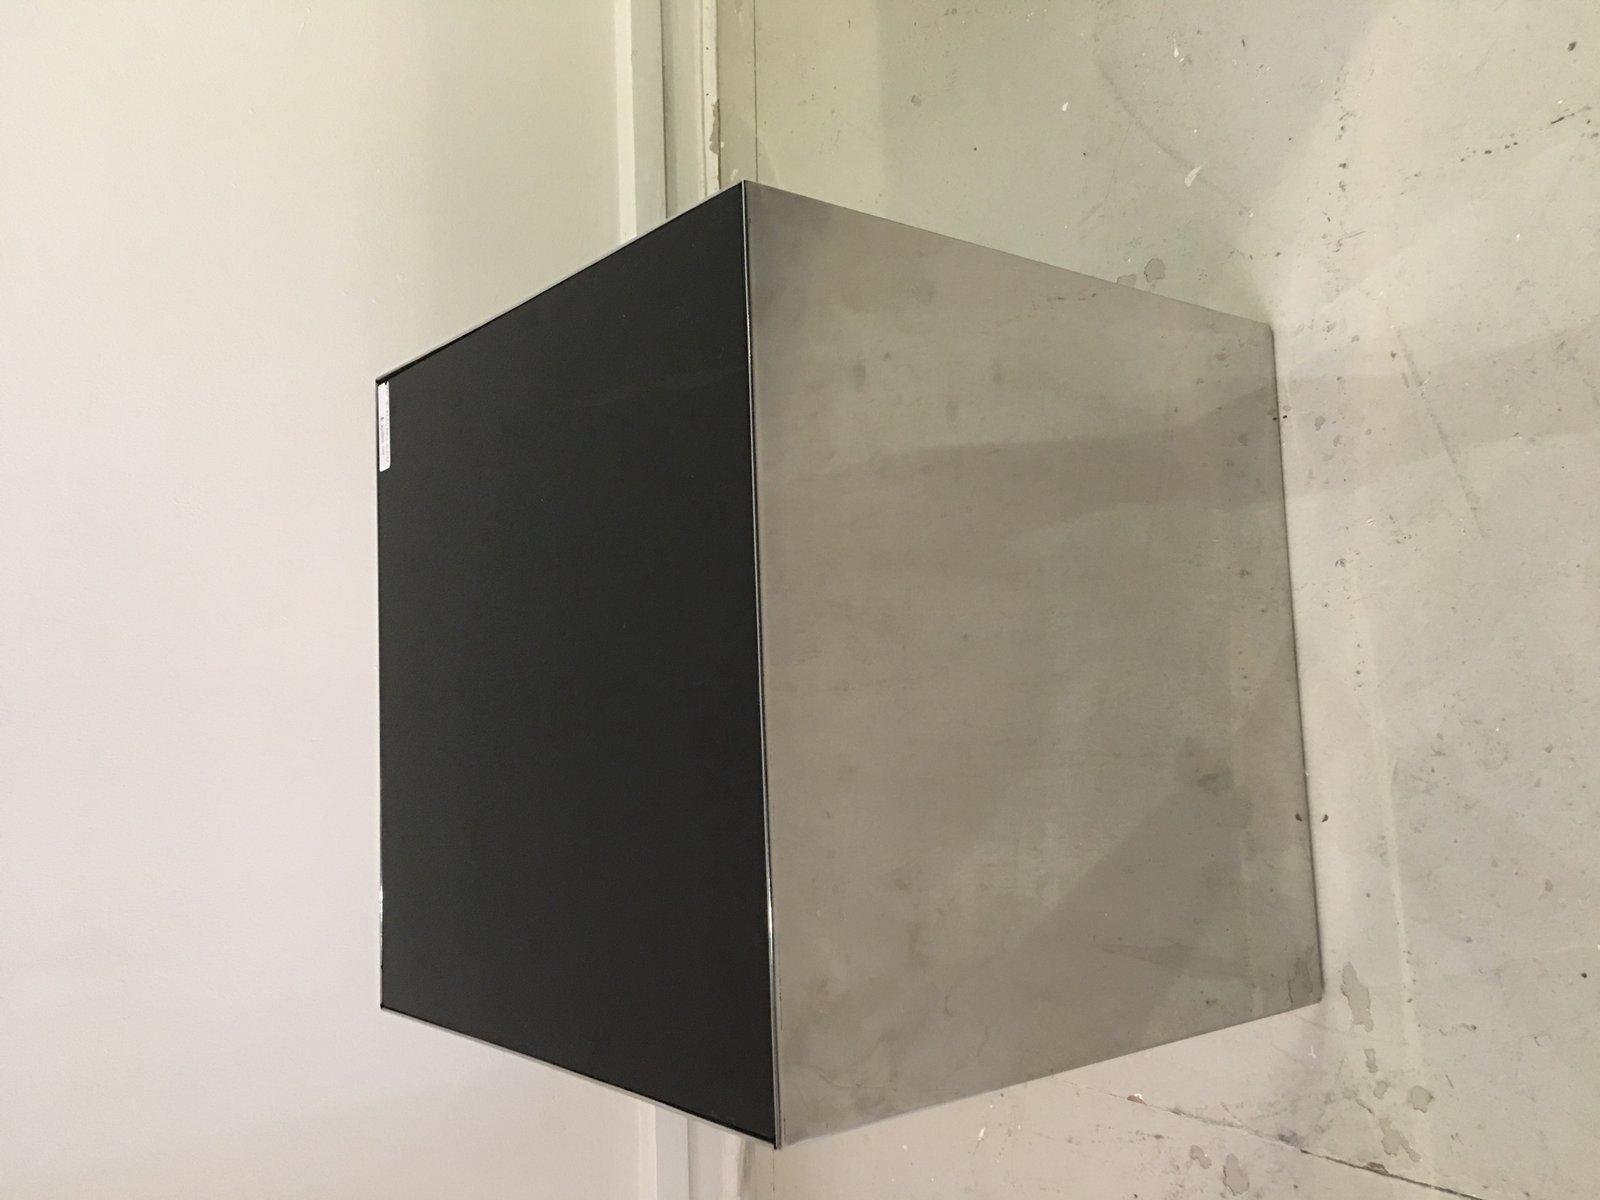 Würfelförmiger italienischer Tisch aus Chrom & Glas